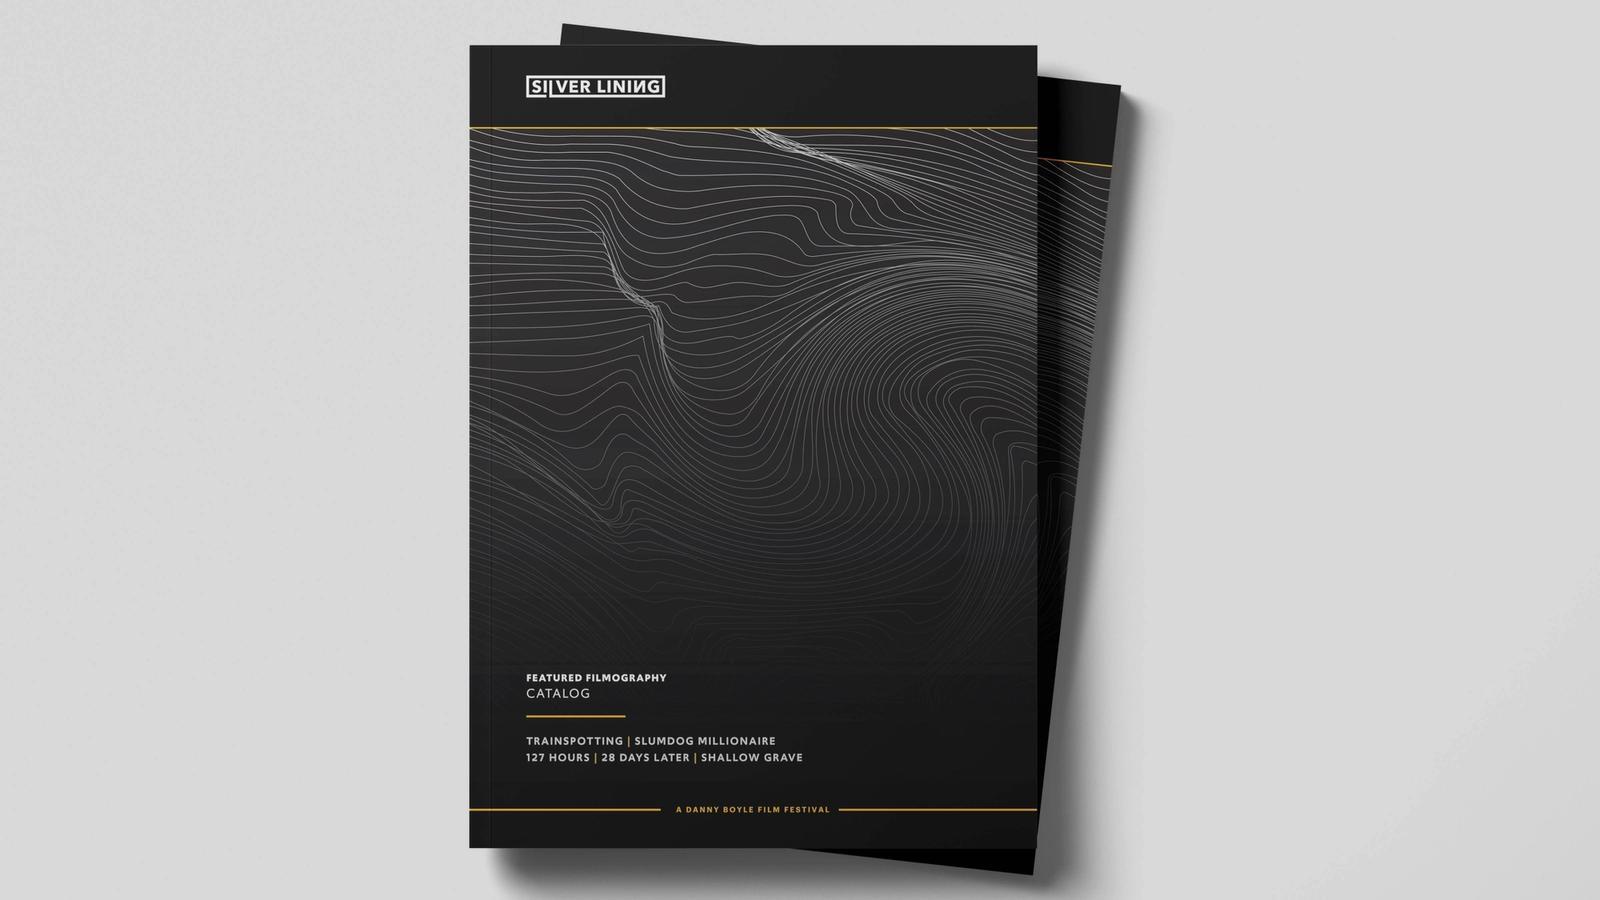 Silver Lining Catalog // Danny Boyle Film Festival